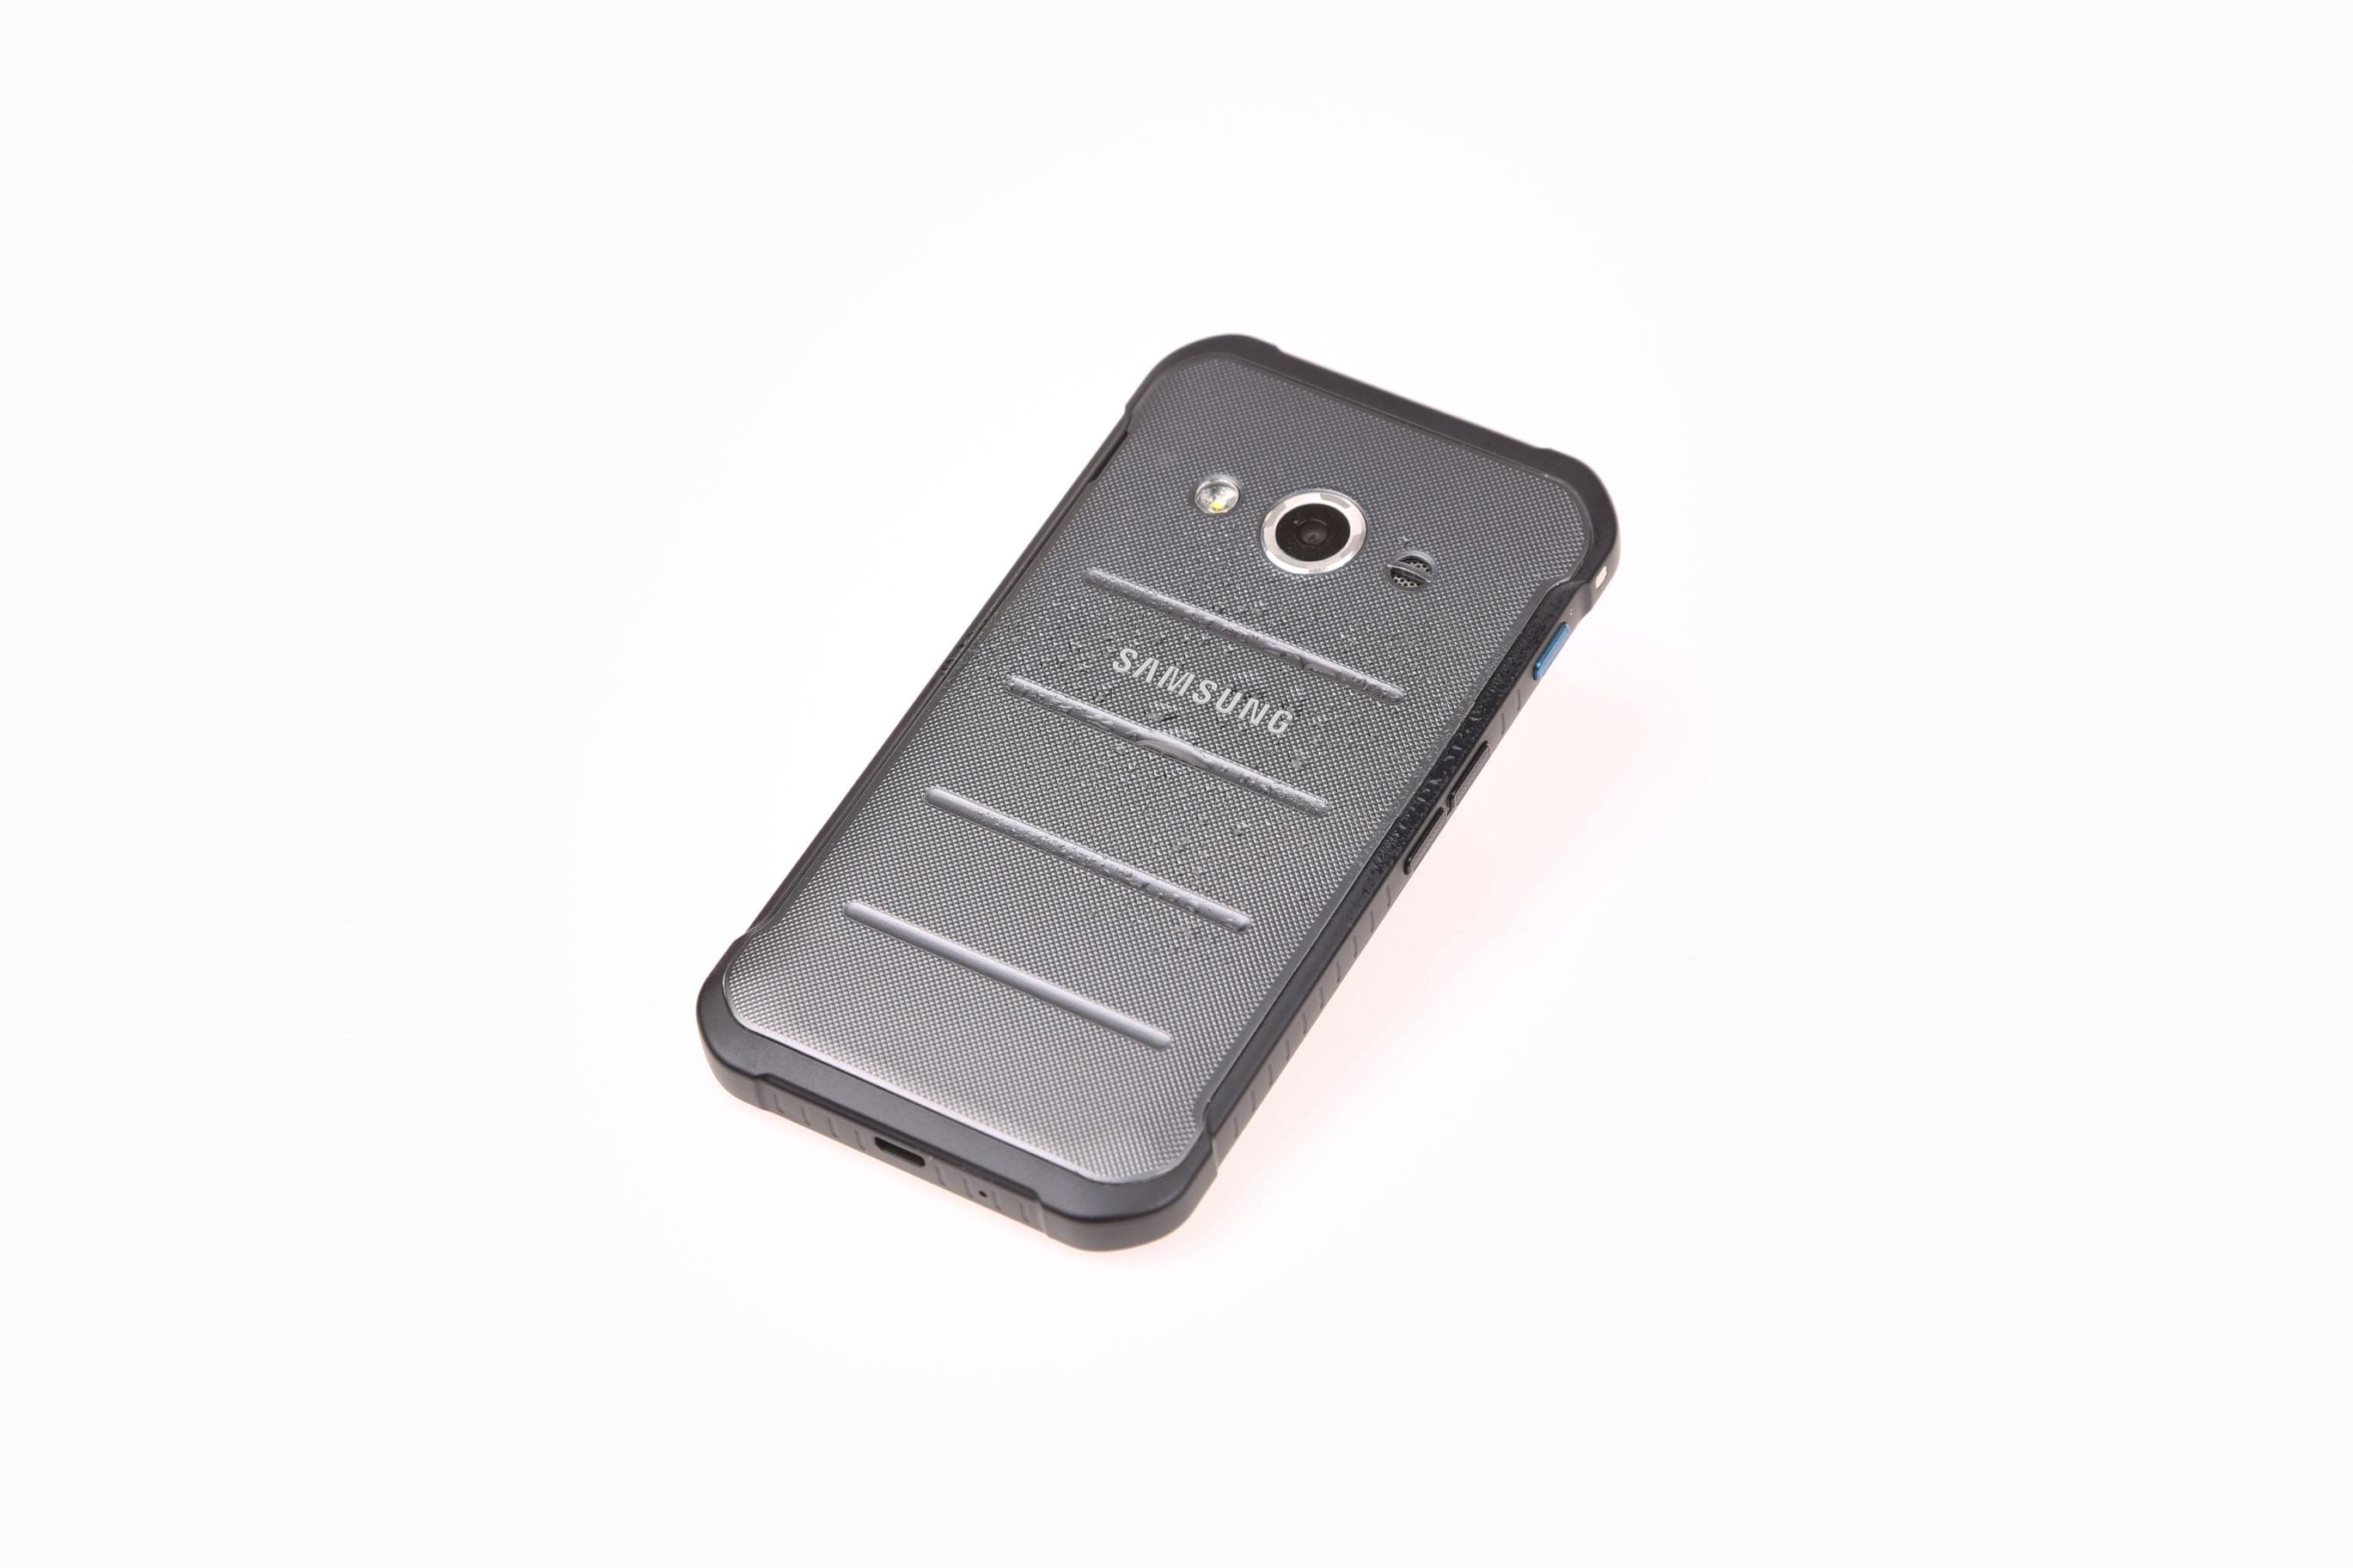 Samsung Xcover 3 im Test: Robust, handlich, günstig - Das neue Outdoor-Smartphone Xcover 3 von Samsung (Bild: Martin Wolf/Golem.de)